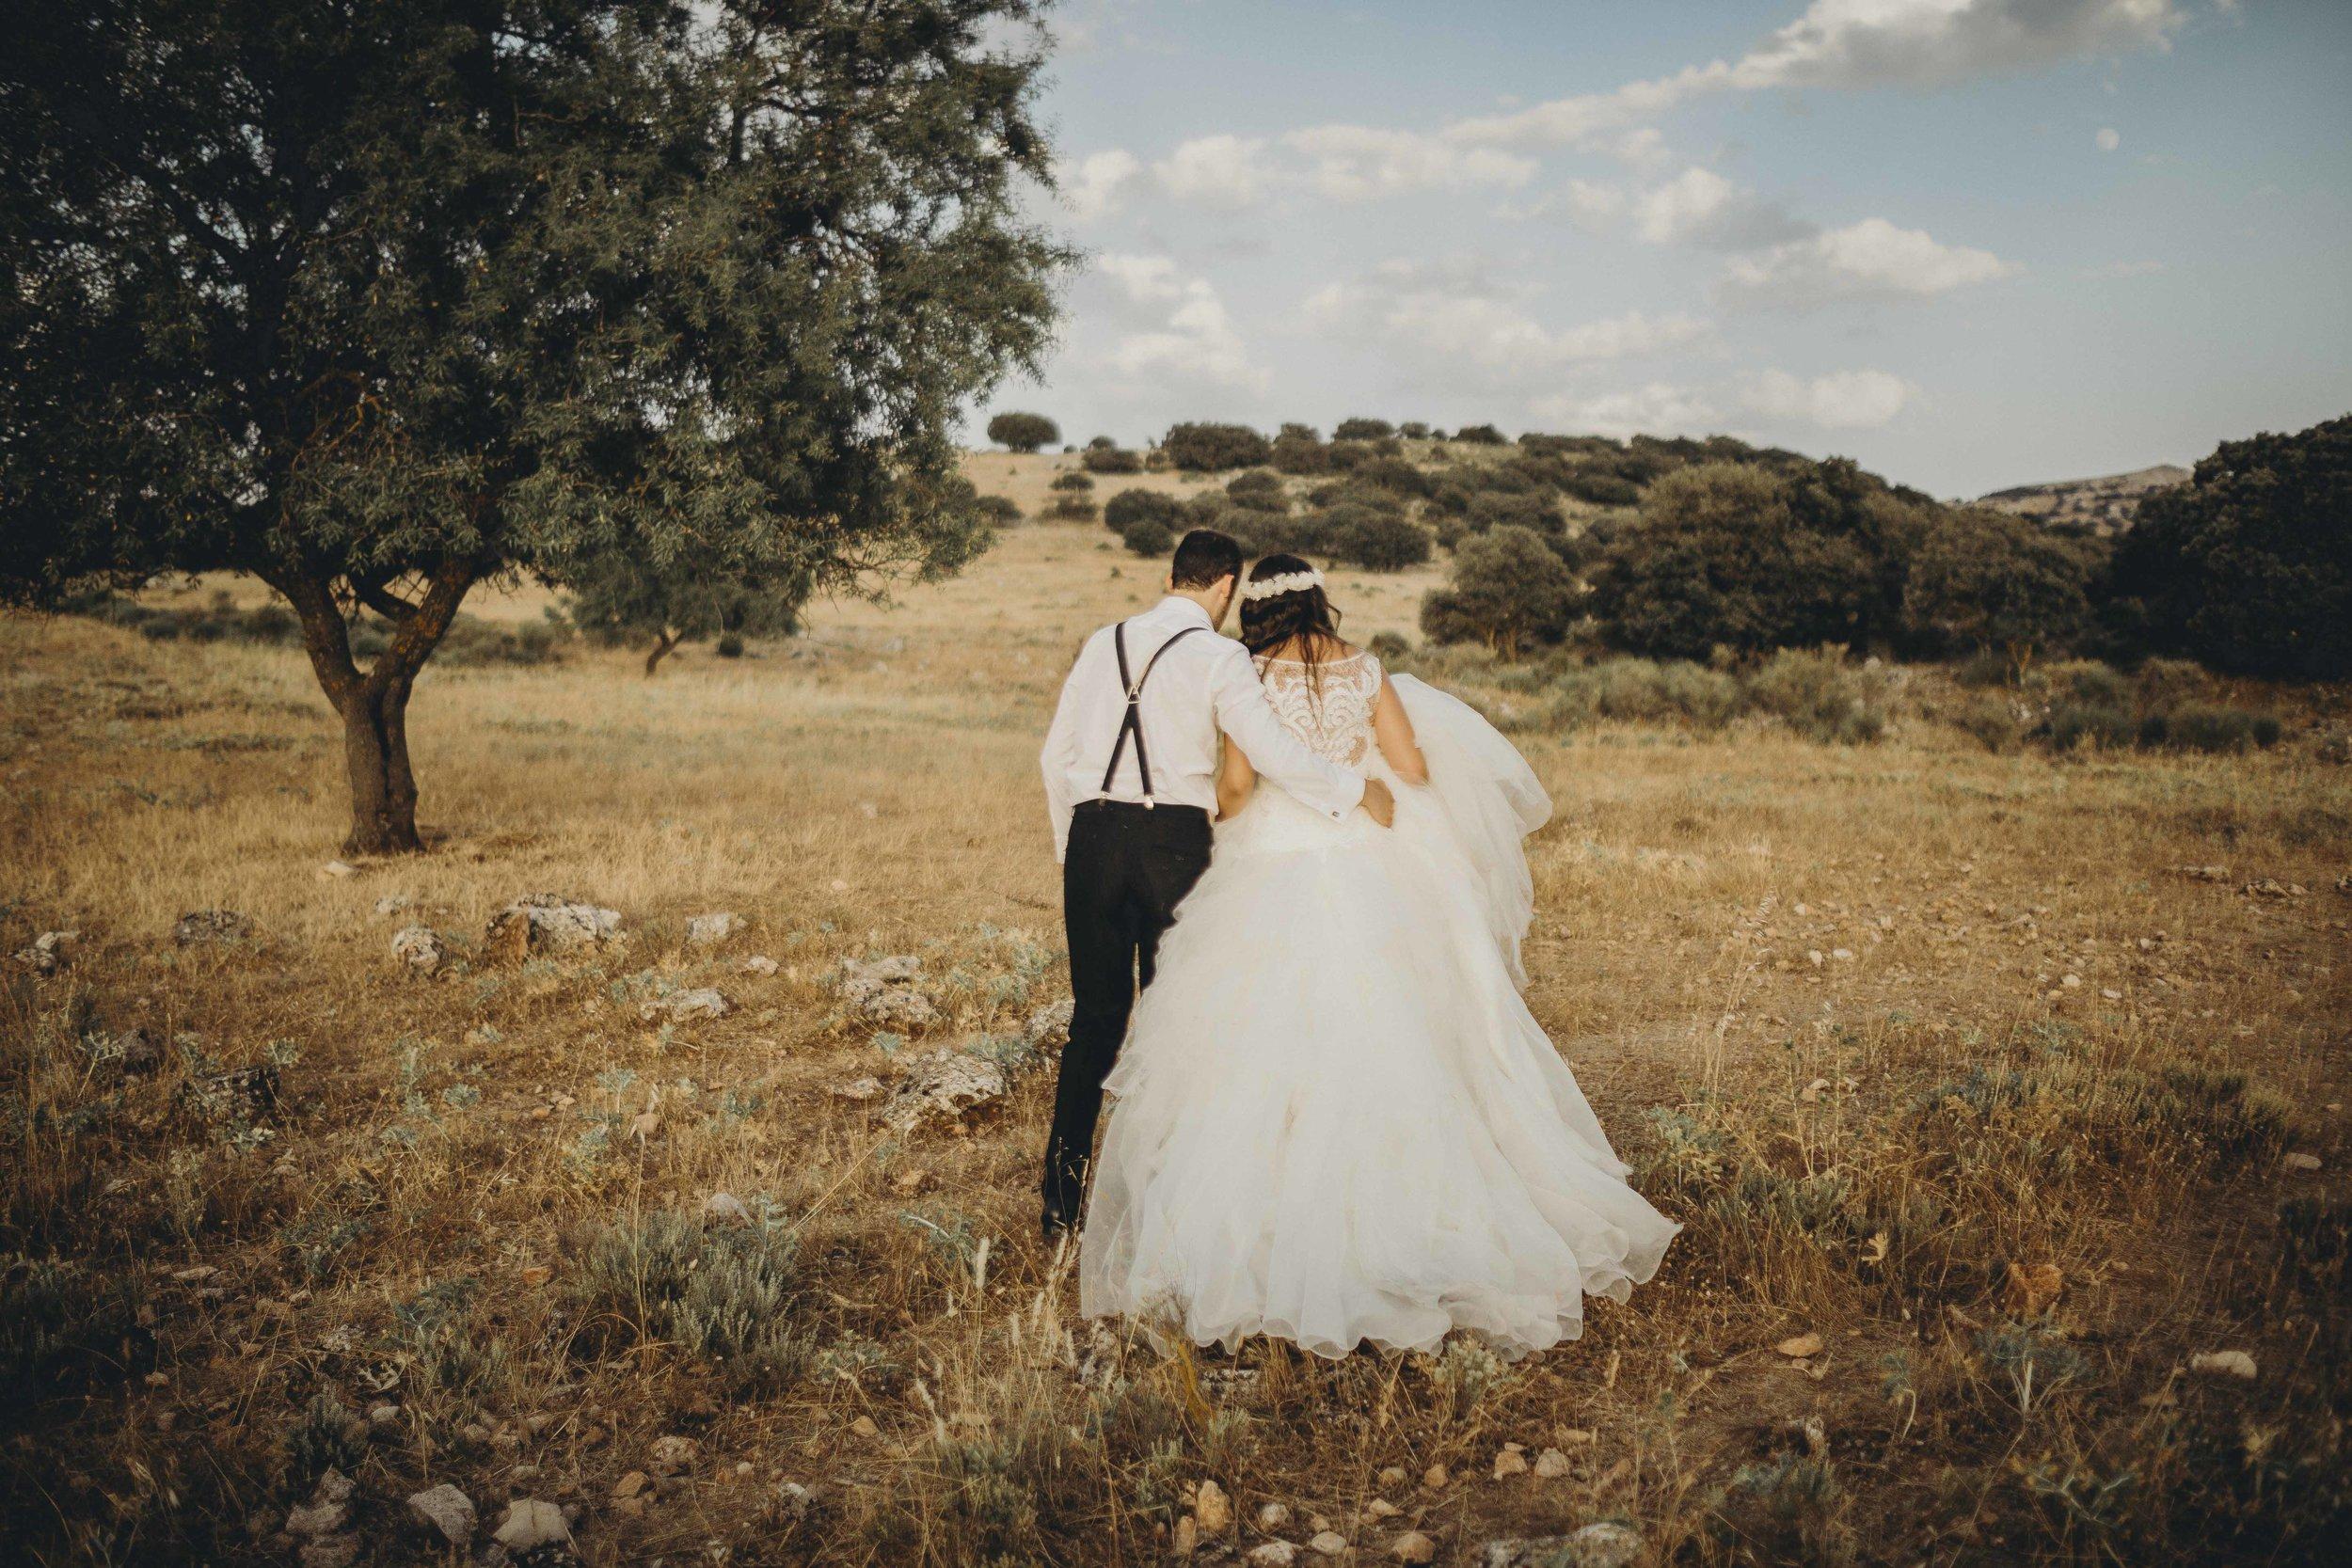 Beatriz & Antonio   Hemos quedado muy contentos con vuestro trabajo. Os involucrasteis muchísimo en nuestra boda, demostrando profesionalidad y creatividad. Muchas gracias por todo. Sois geniales, os habéis convertido en nuestros amigos.